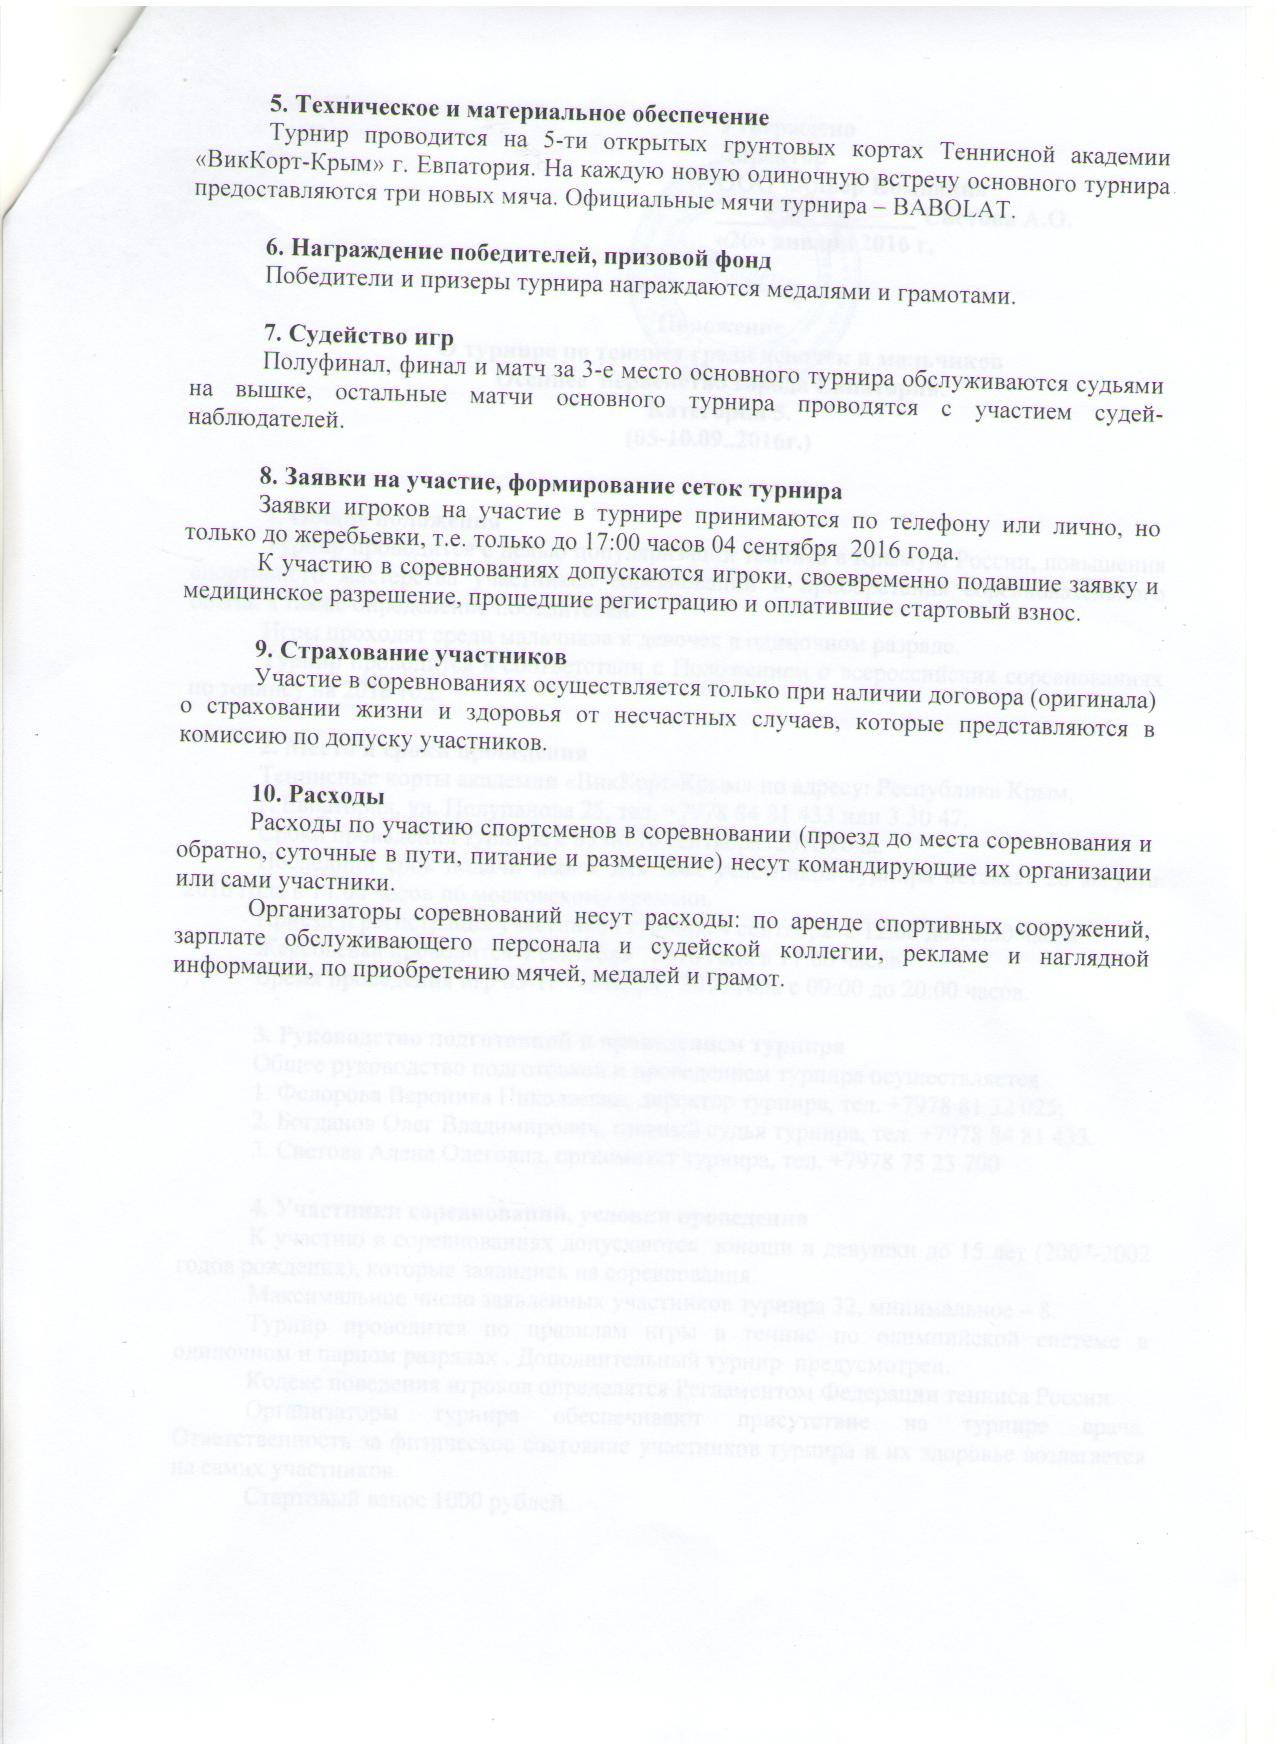 ПОЛОЖЕНИЕ_турнир-0509_2